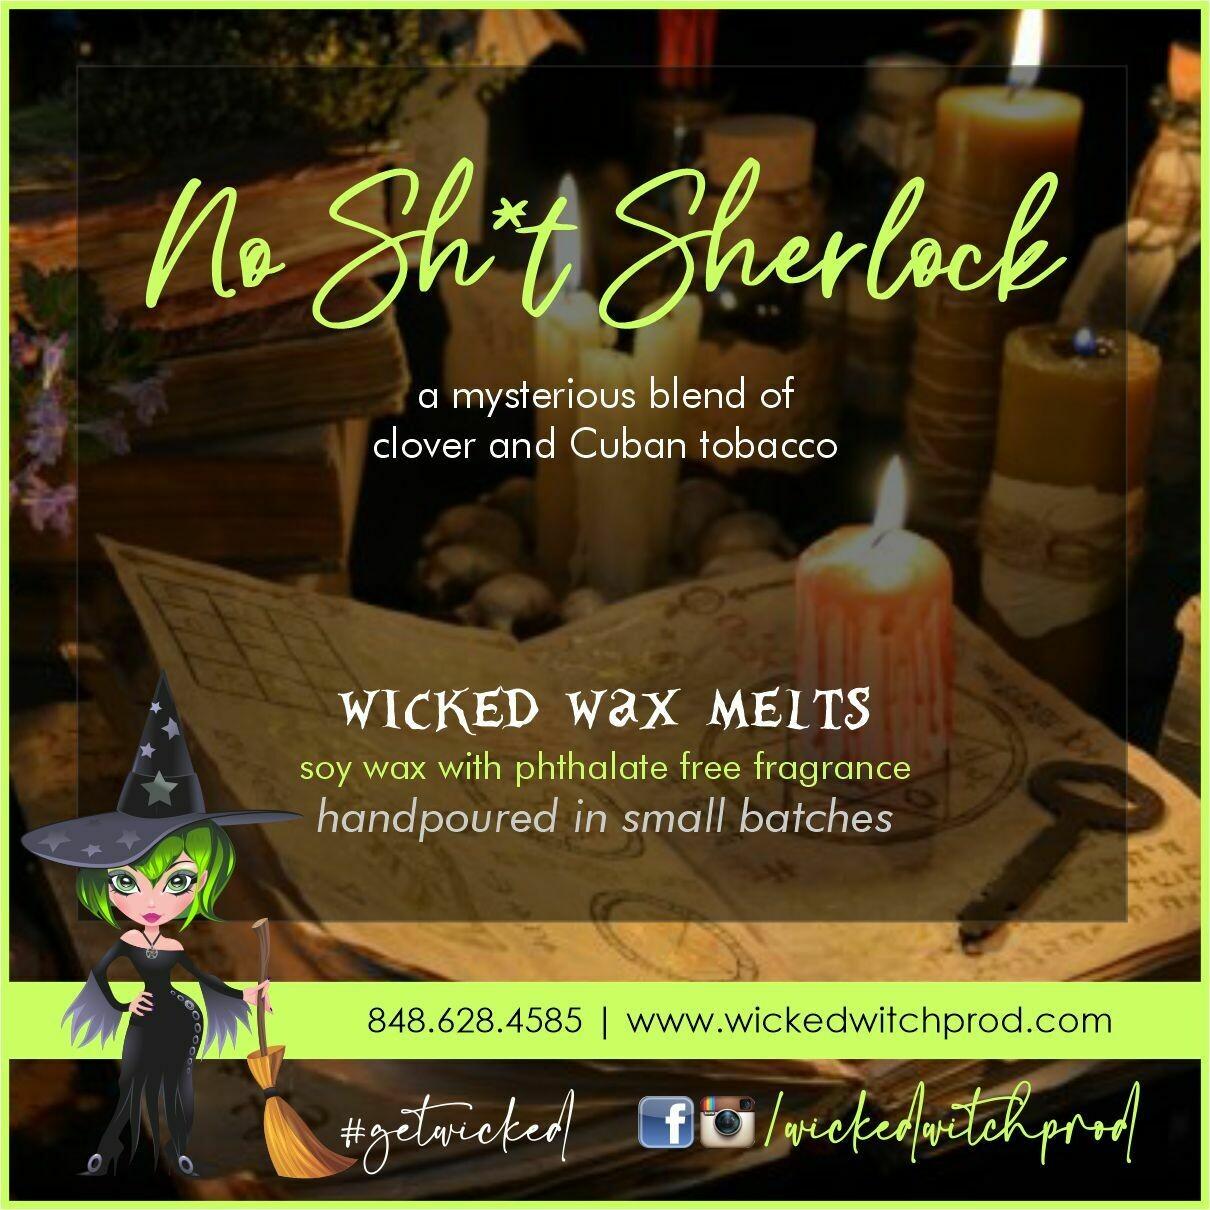 No Sh*t Sherlock Wicked Wax Melts